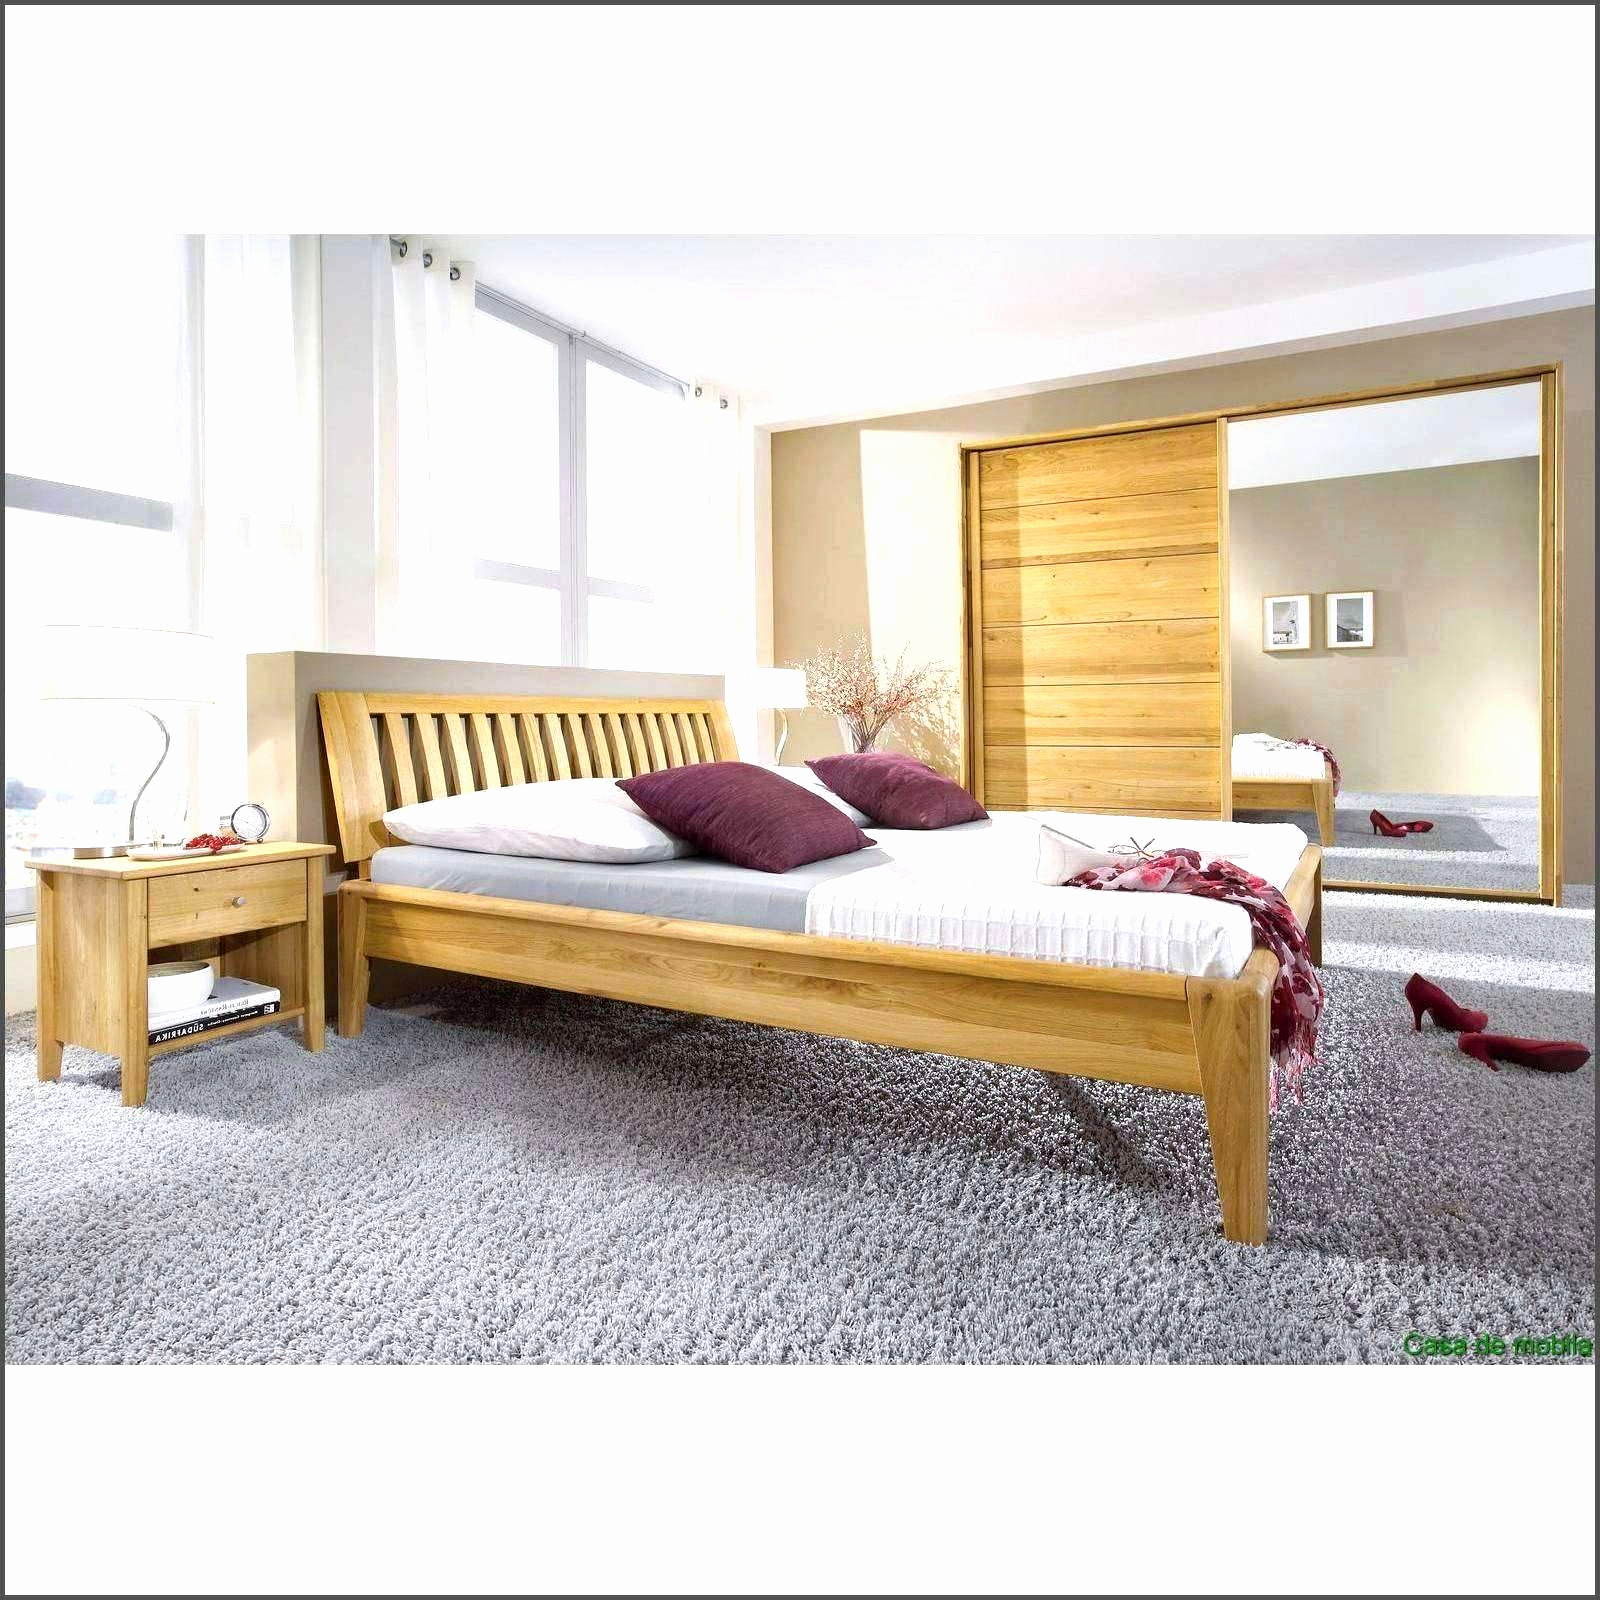 Full Size of Kinderbett Poco 30 Luxus Domne Kollektion 2020 Bett 140x200 Big Sofa Betten Schlafzimmer Komplett Küche Wohnzimmer Kinderbett Poco